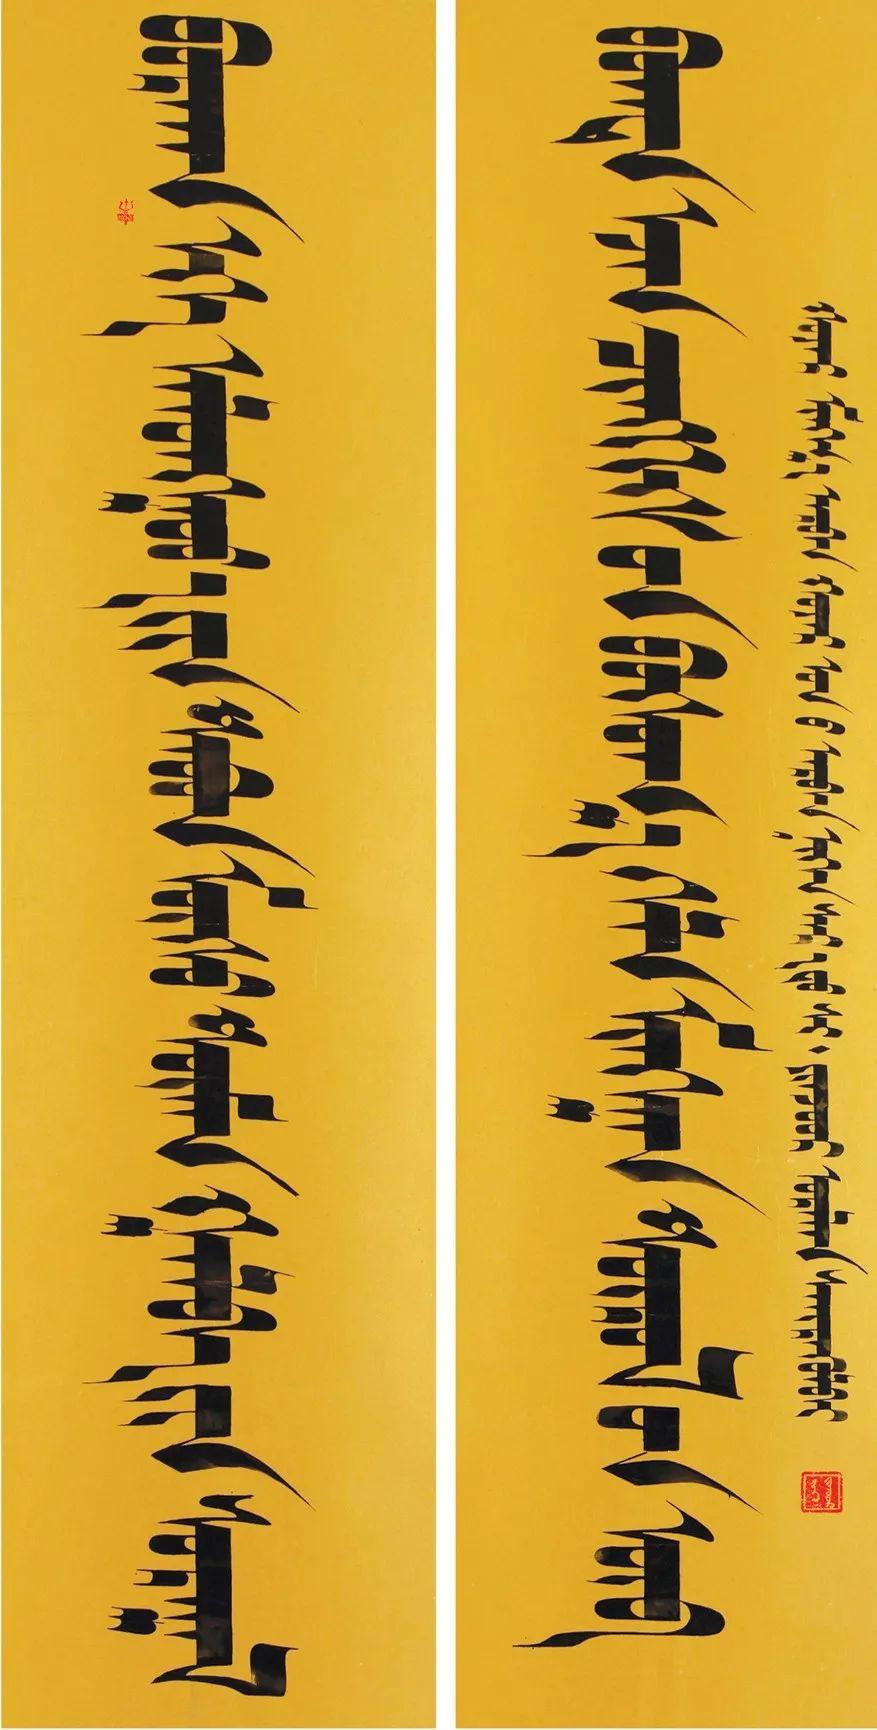 周五展 | 蒙古文书法家席•银柱印象 第9张